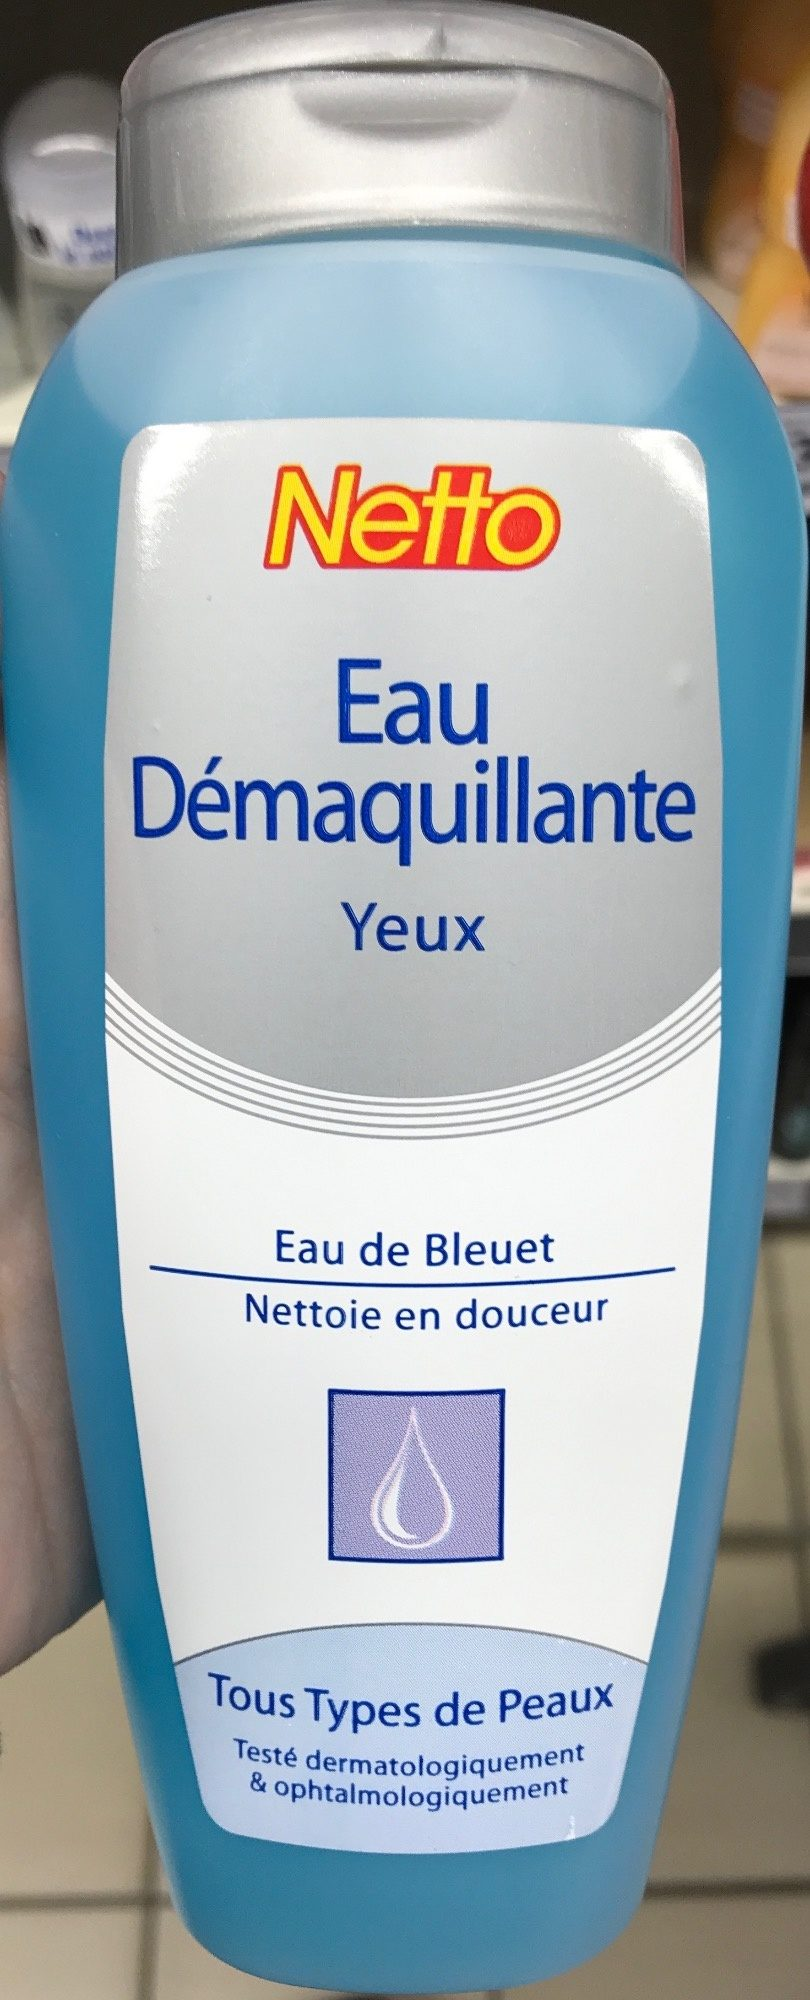 Eau démaquillante Yeux - Produit